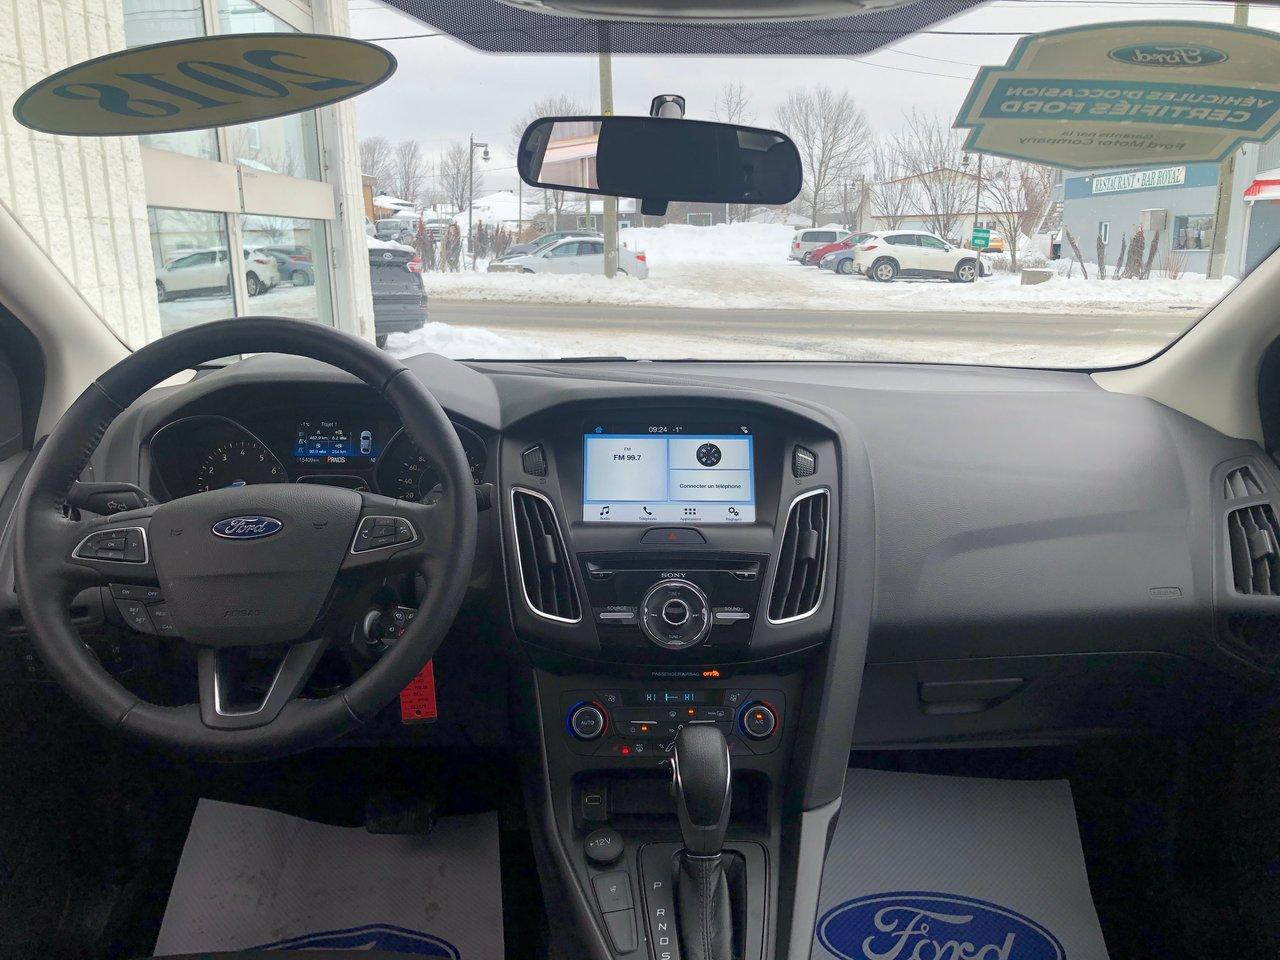 2018 Ford Focus SEL, ENSEMBLE NOIR, OCCASION CERTIFIÉ FORD